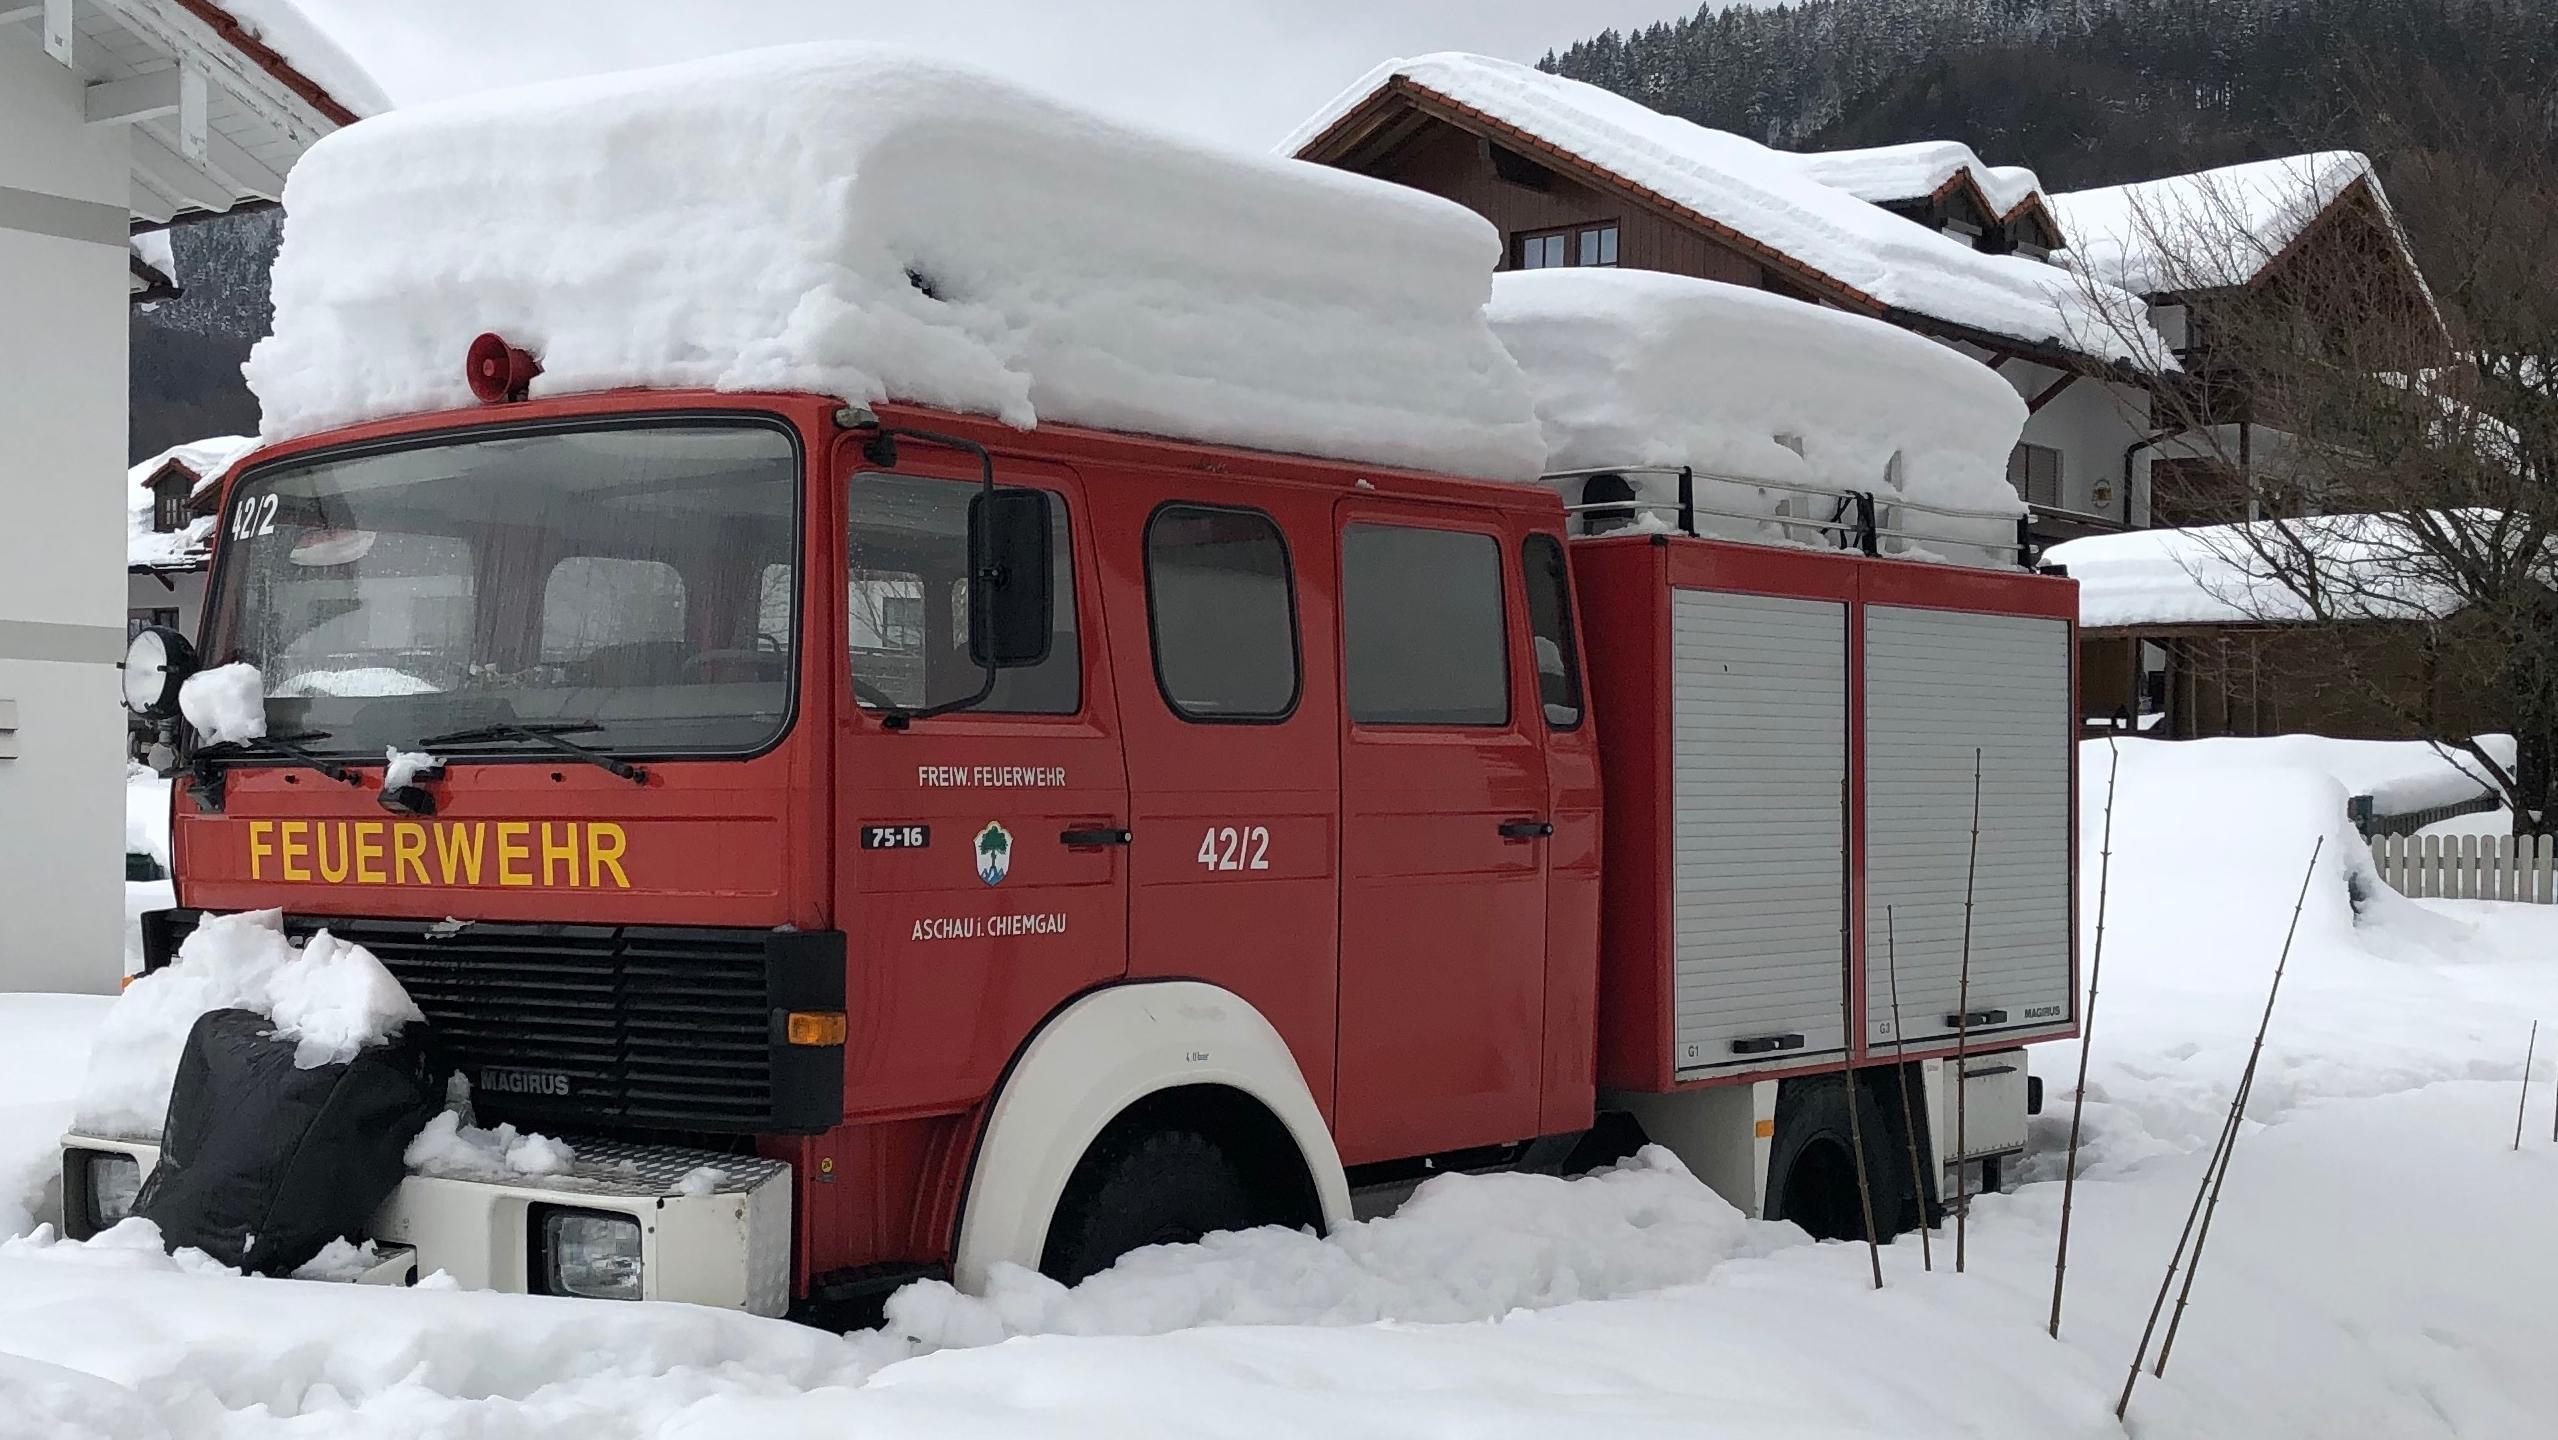 Zugeschneites Feuerwehrauto in Aschau